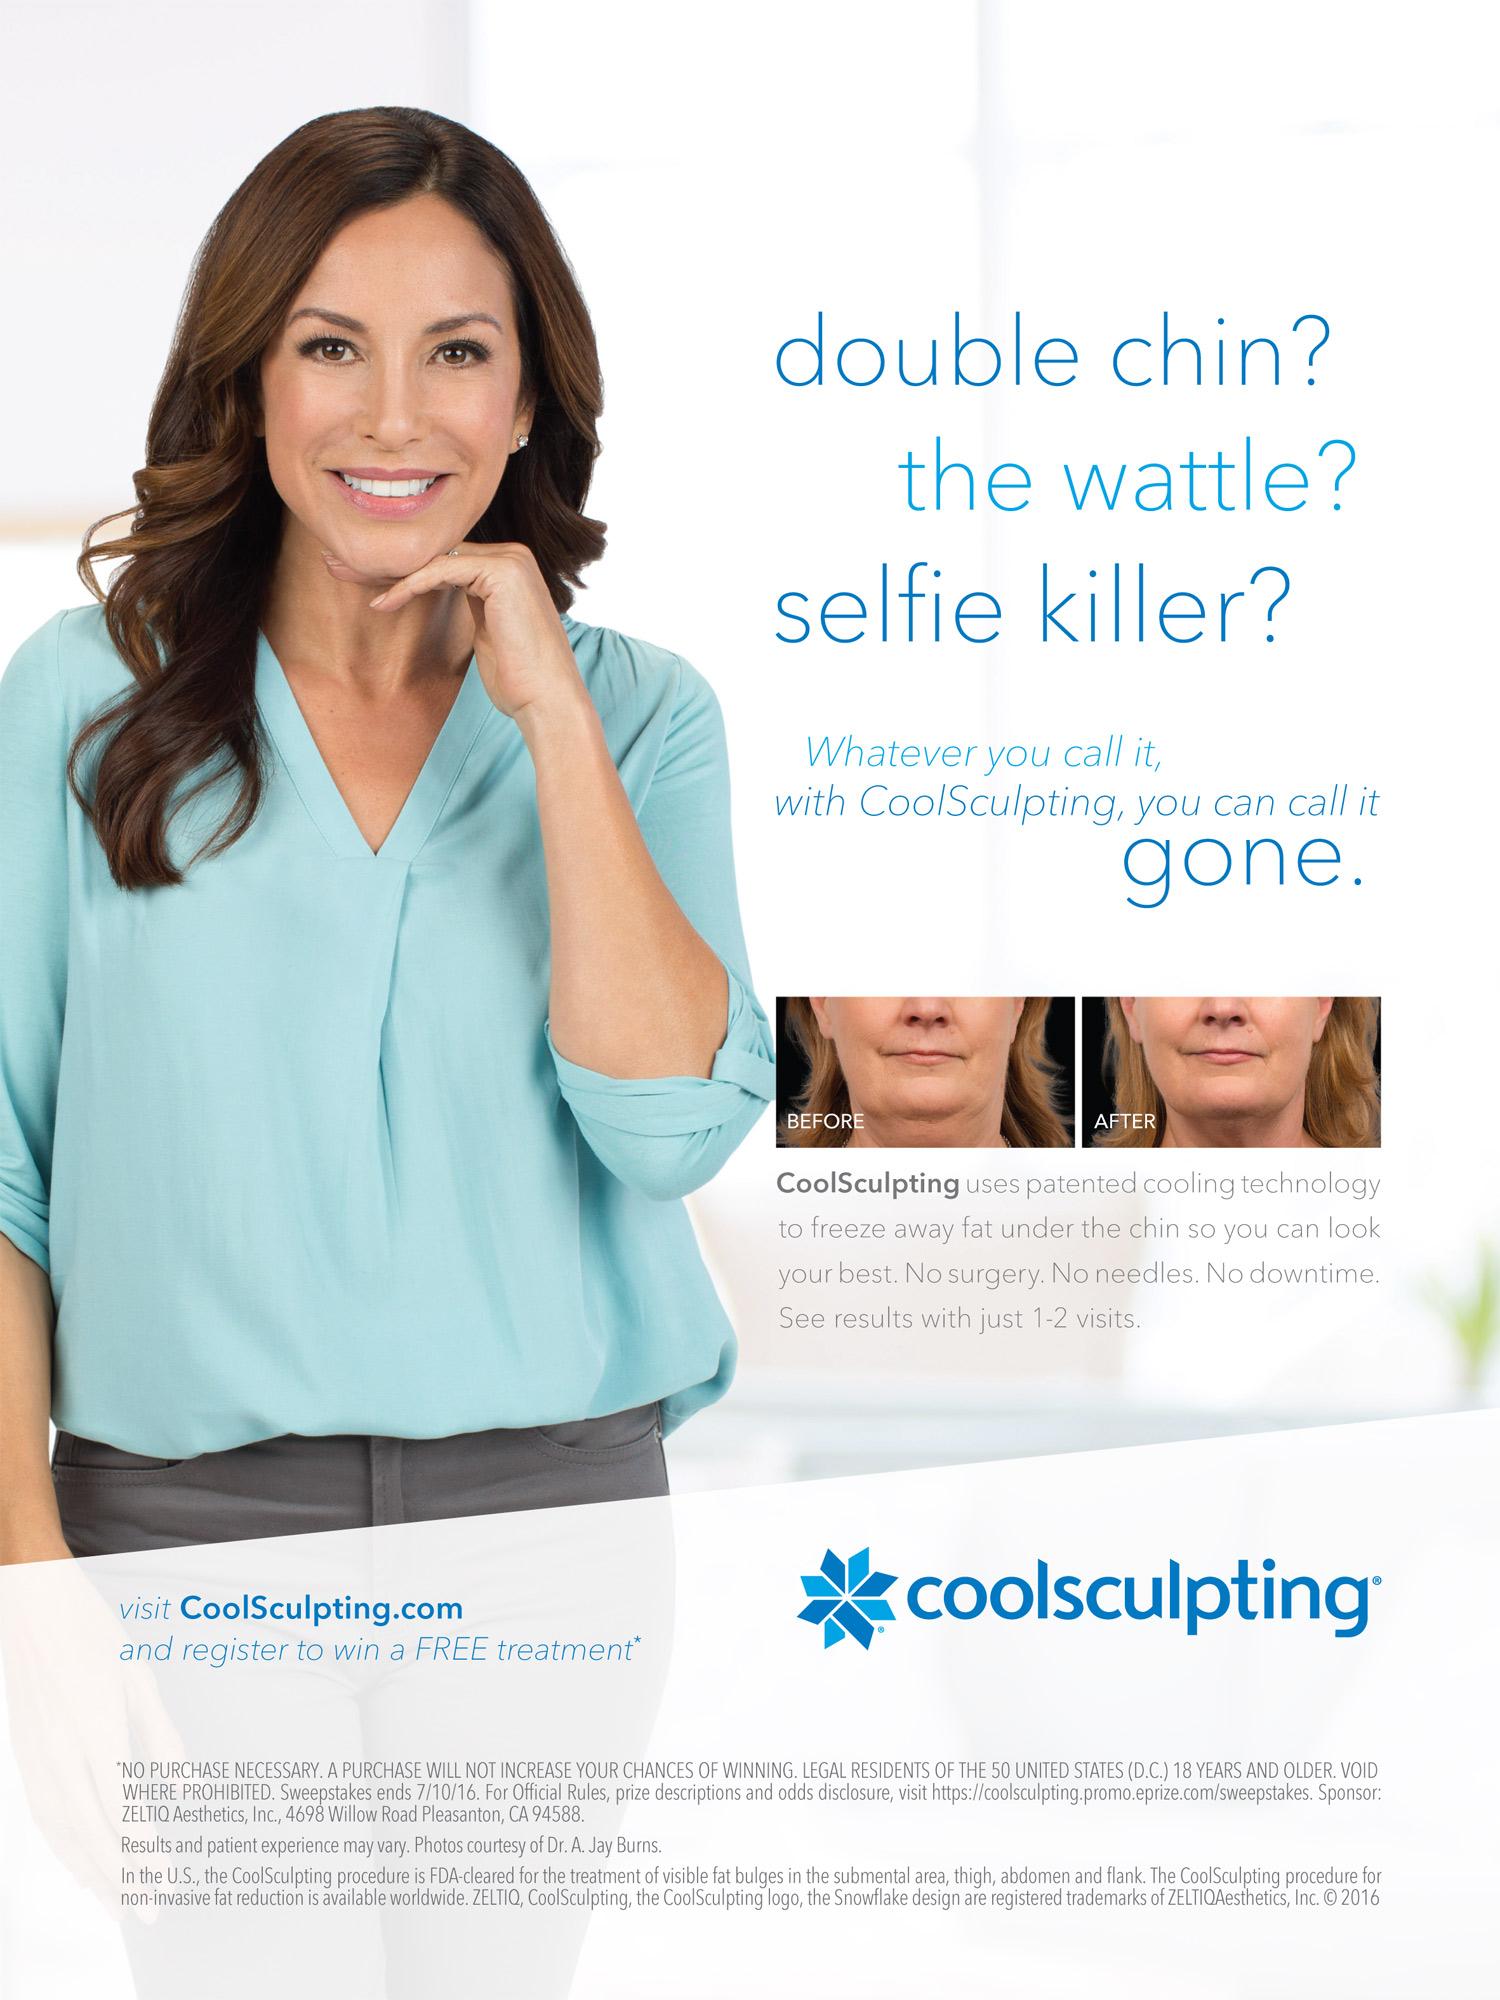 coolsculpting_Print_Ad.jpg